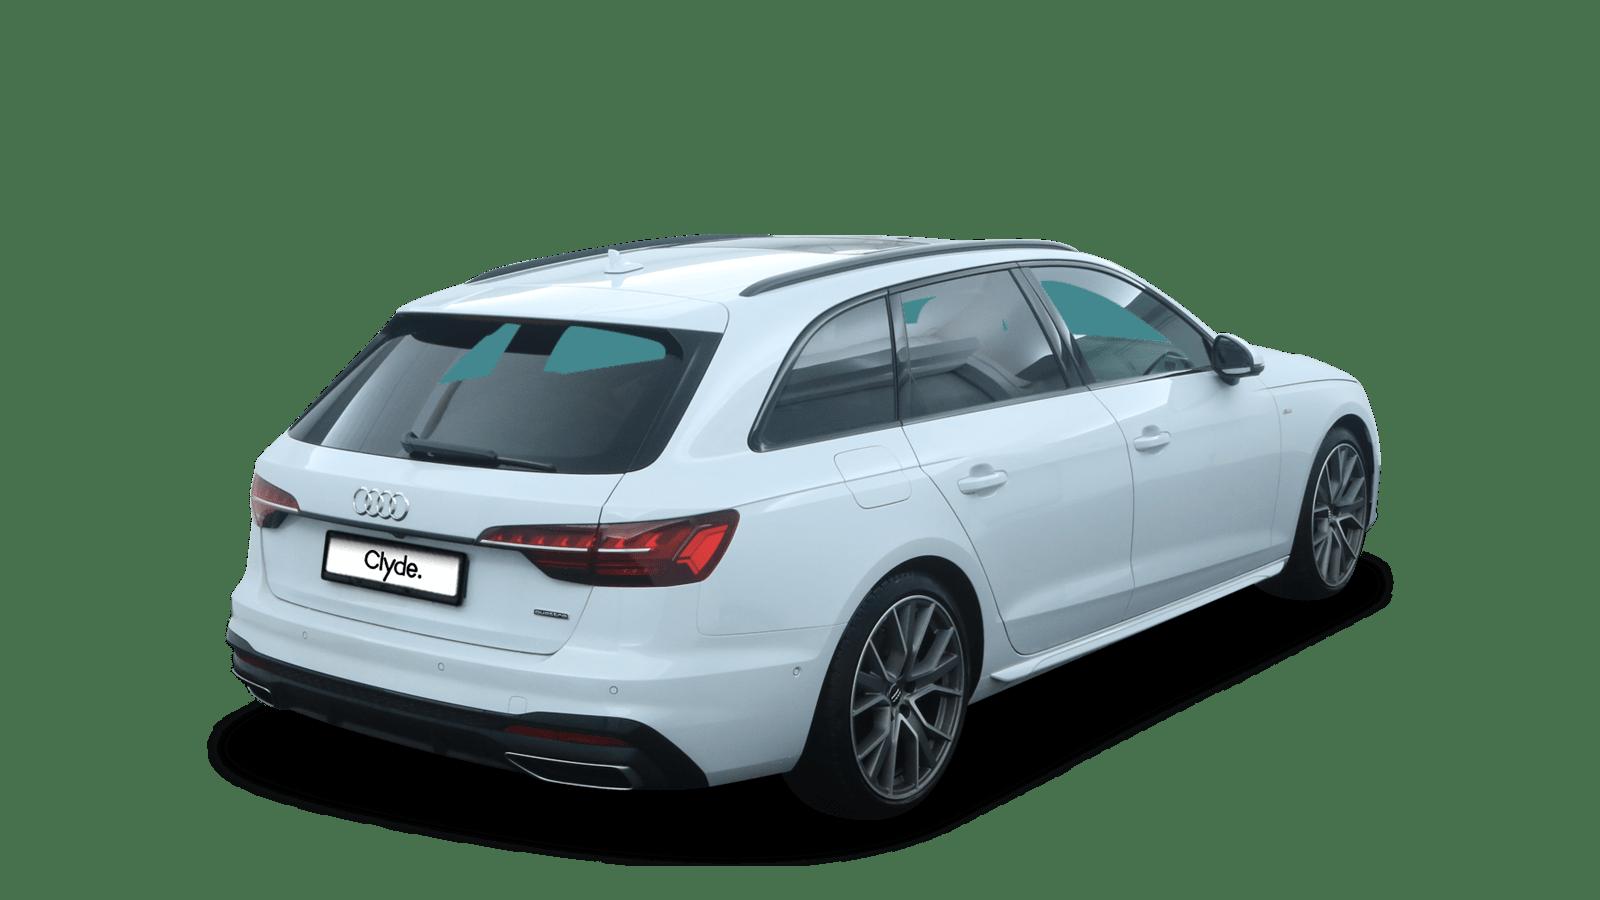 Audi A4 Avant Weiss rückansicht - Clyde Auto-Abo